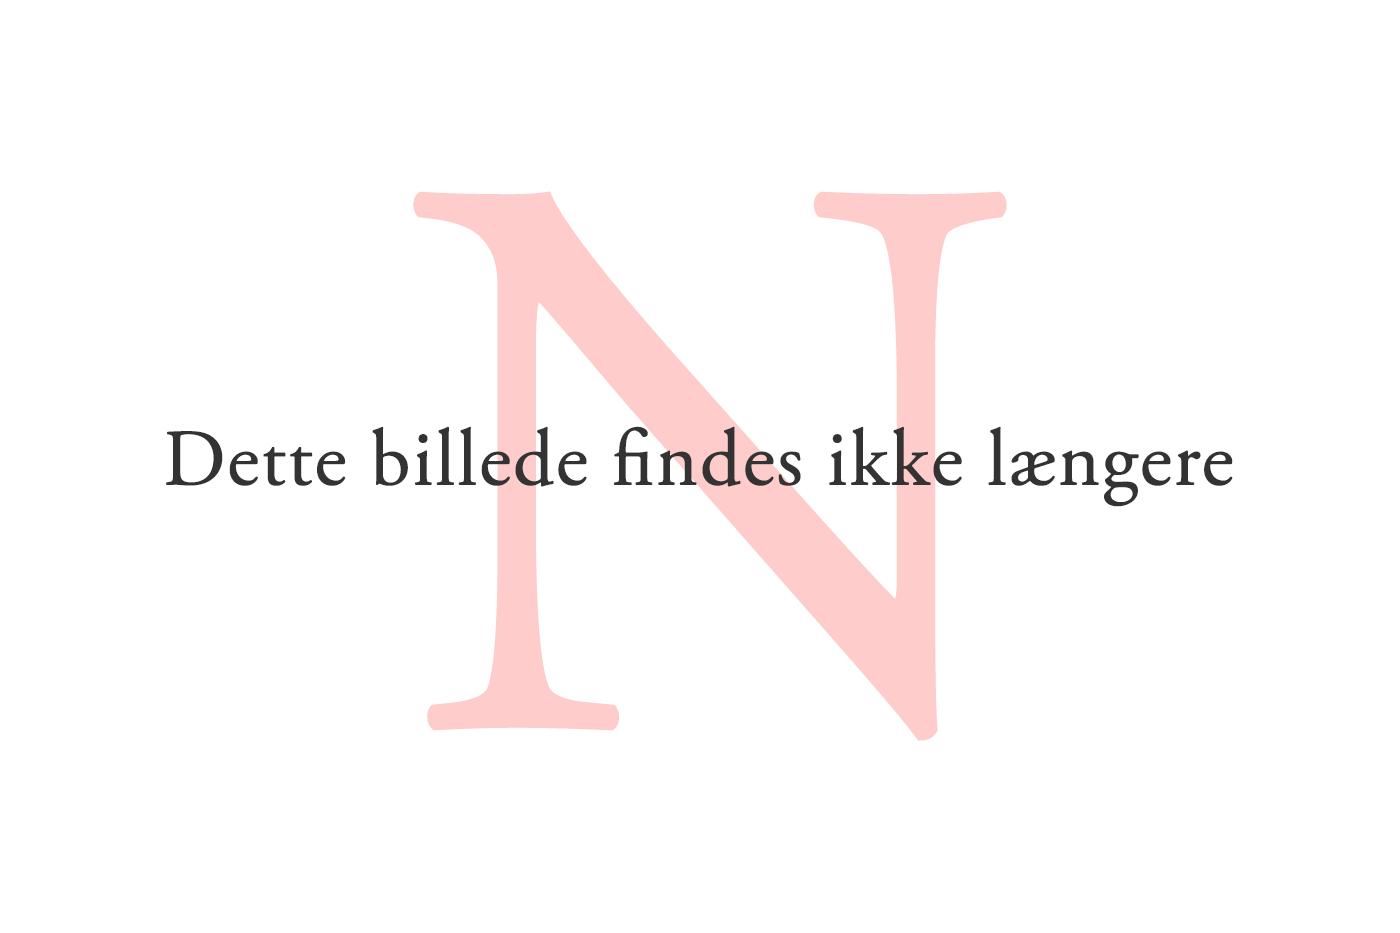 sønderborg slot statens arkiver